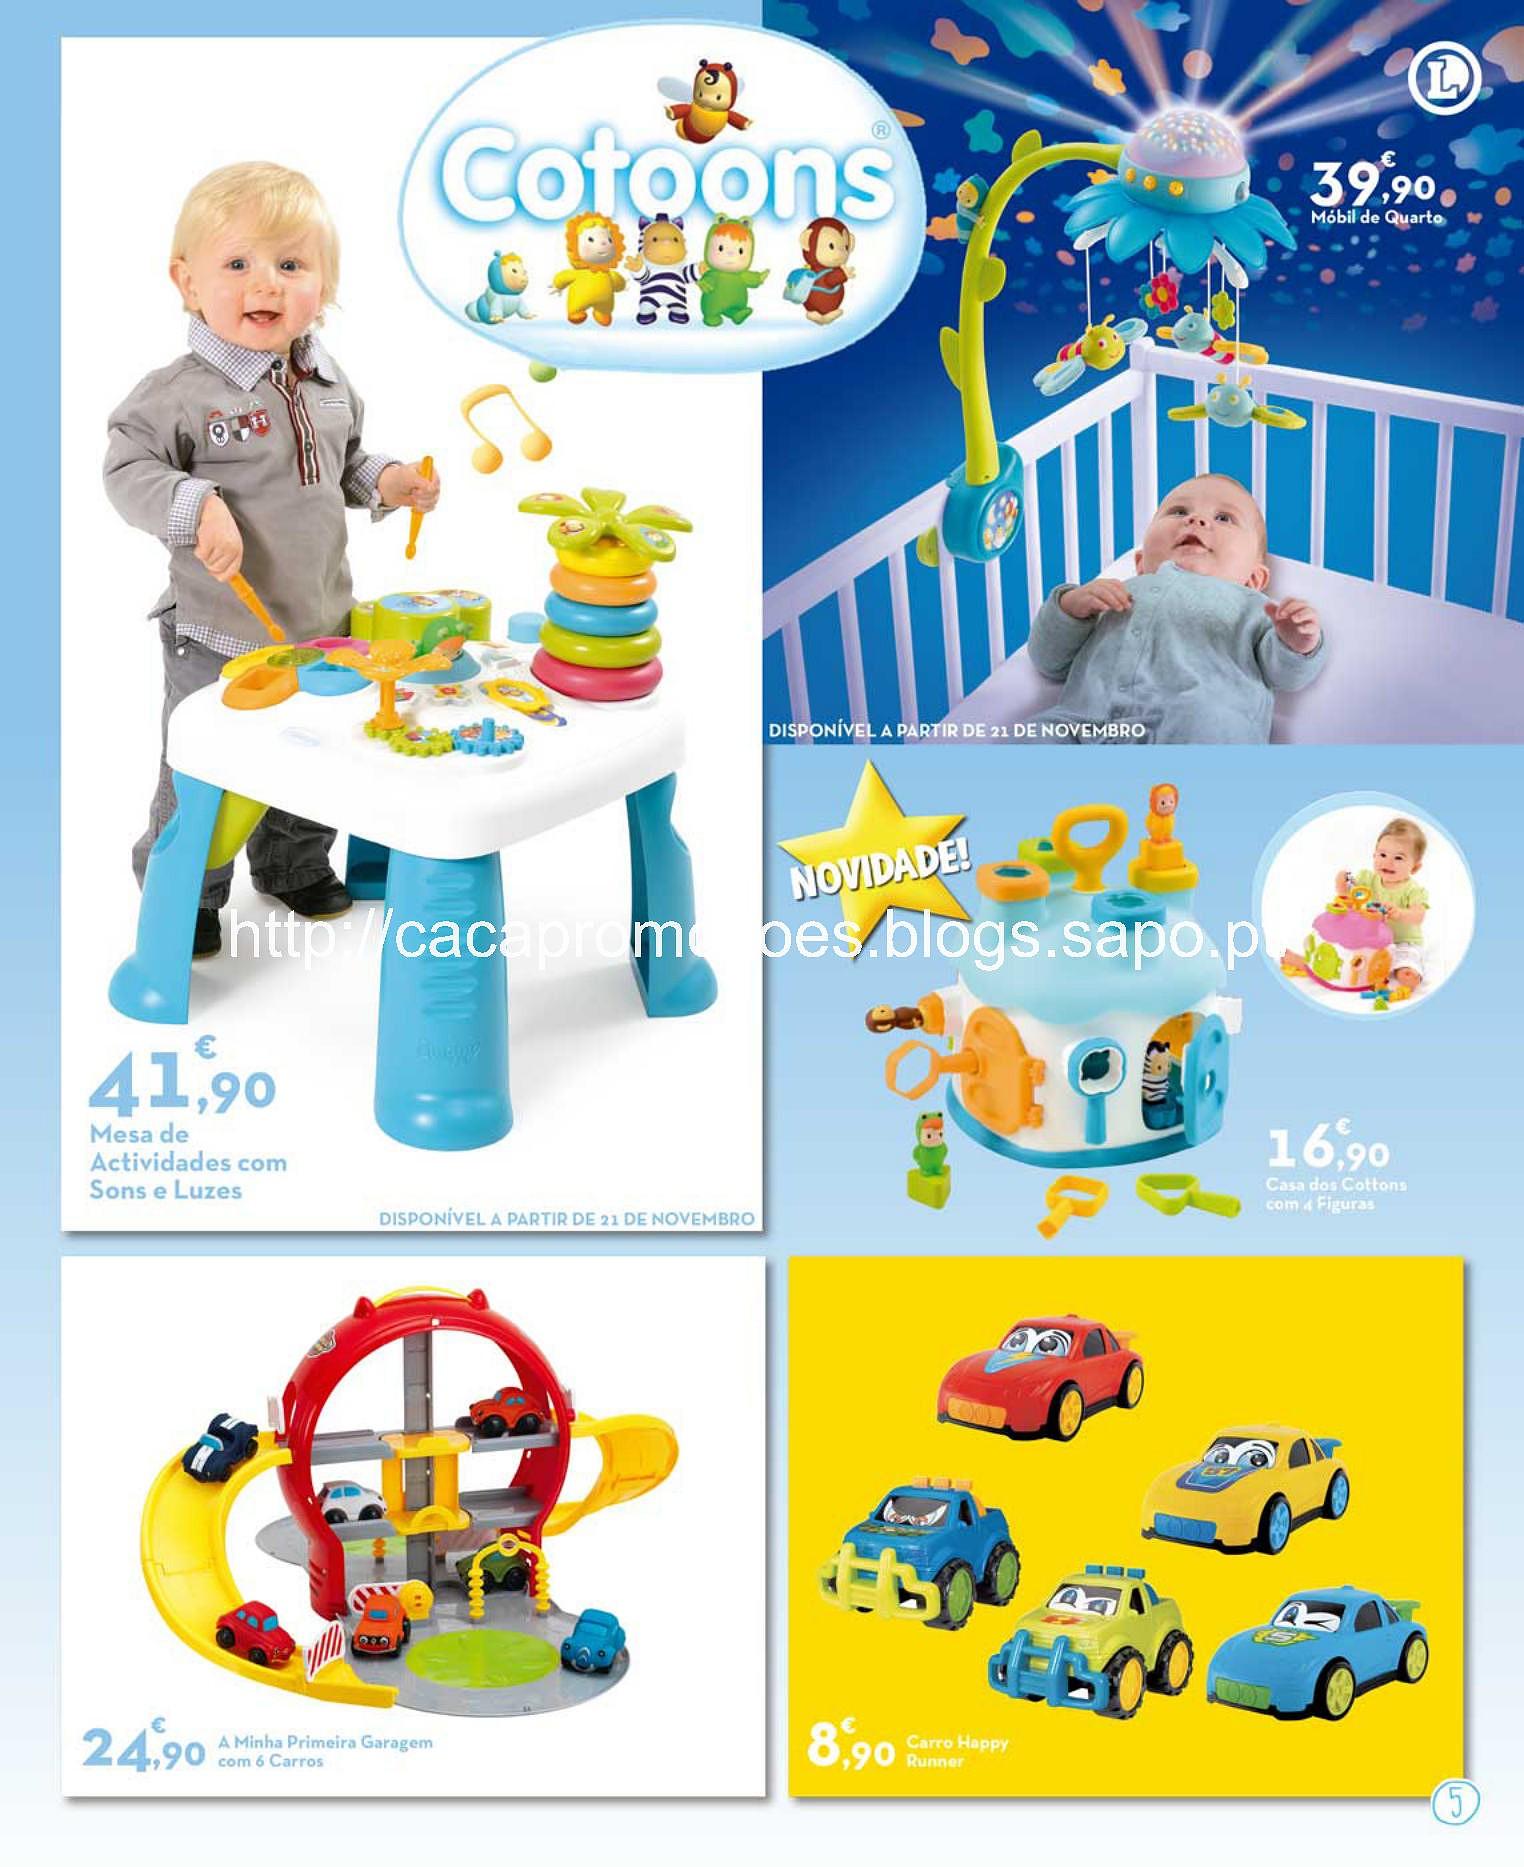 Eleclerc-Promoções-Folheto-Brinquedos-_Page45.jpg